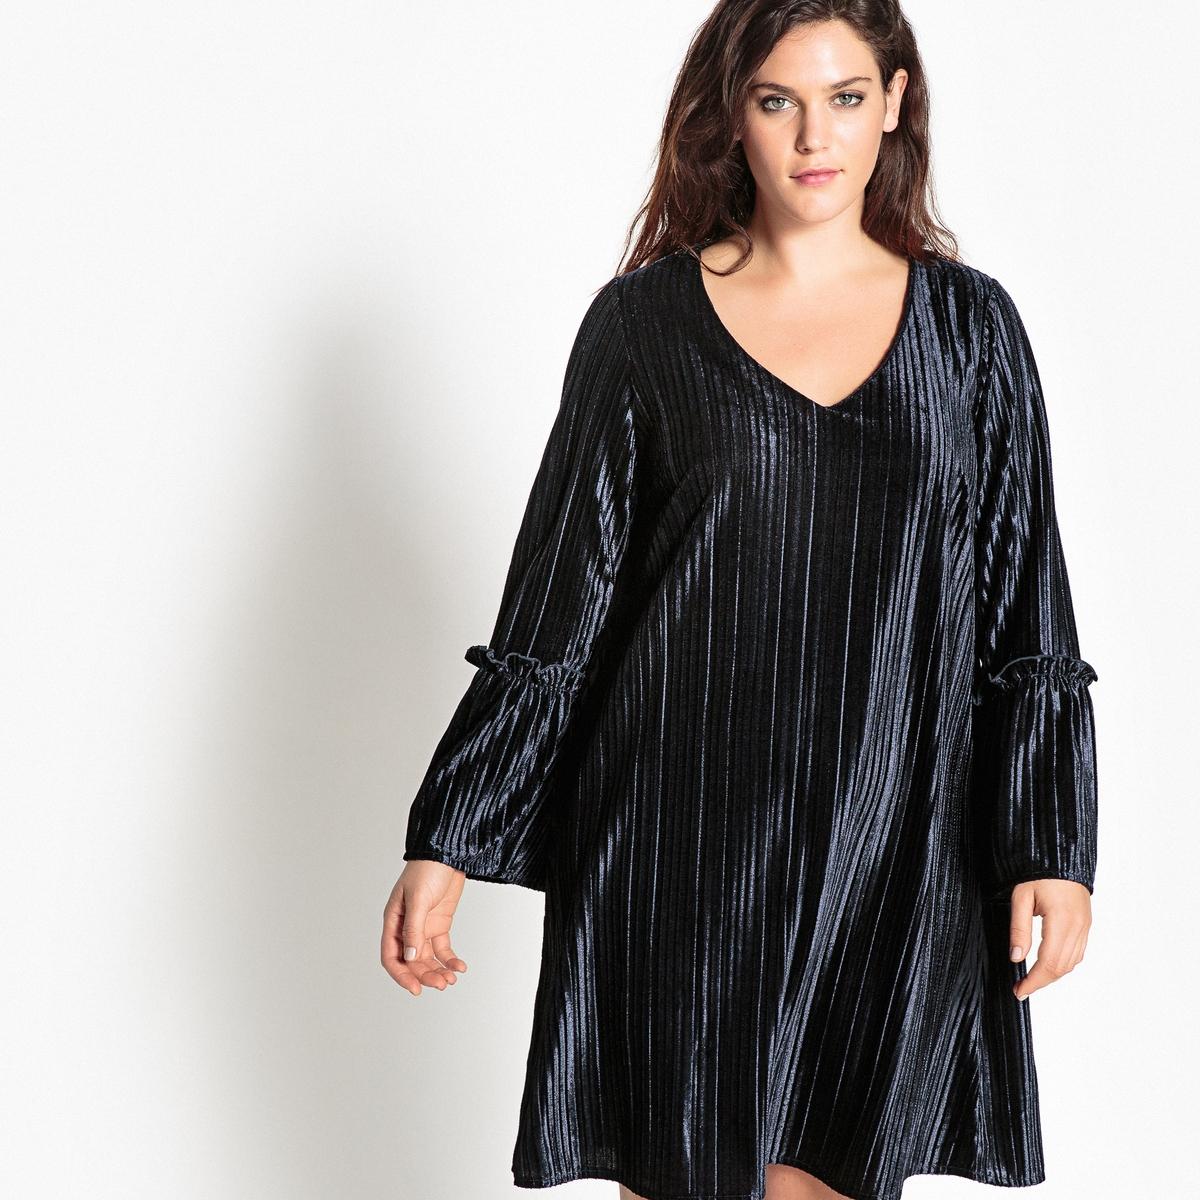 Платье расклешённое из велюраОписание:Этой зимой велюр снова в моде . Невероятно модное расклешенное платье из велюрового трикотажа с плиссировкой . Это велюровое платье - просто верх элегантности .Детали •  Форма : МАКСИ •  Длина ниже колен •  Длинные рукава    •   V-образный вырезСостав и уход •  5% эластана, 95% полиэстера  •  Температура стирки 30°   • Низкая температура глажки / не отбеливать   •  Не использовать барабанную сушку   • Сухая чистка запрещенаТовар из коллекции больших размеров •  Длина : 100 см.<br><br>Цвет: синий морской